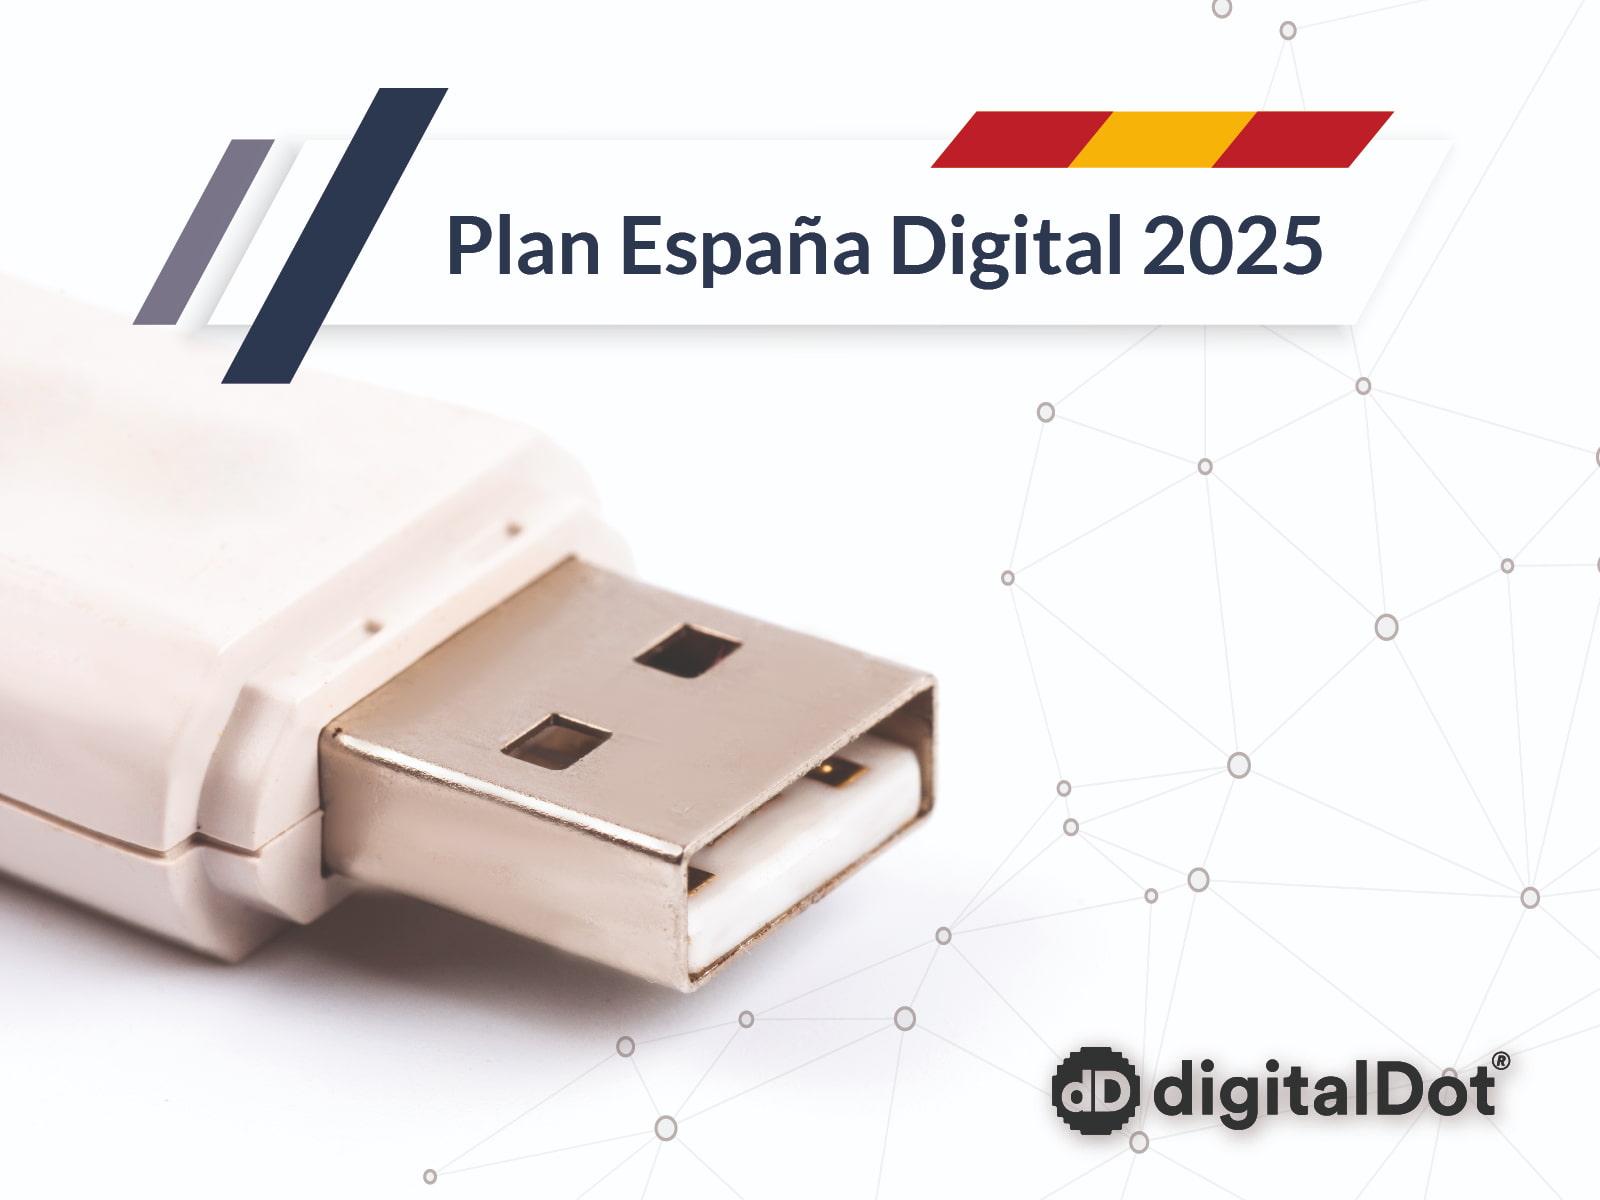 Ayudas digitalización. Plan España Digital 2025